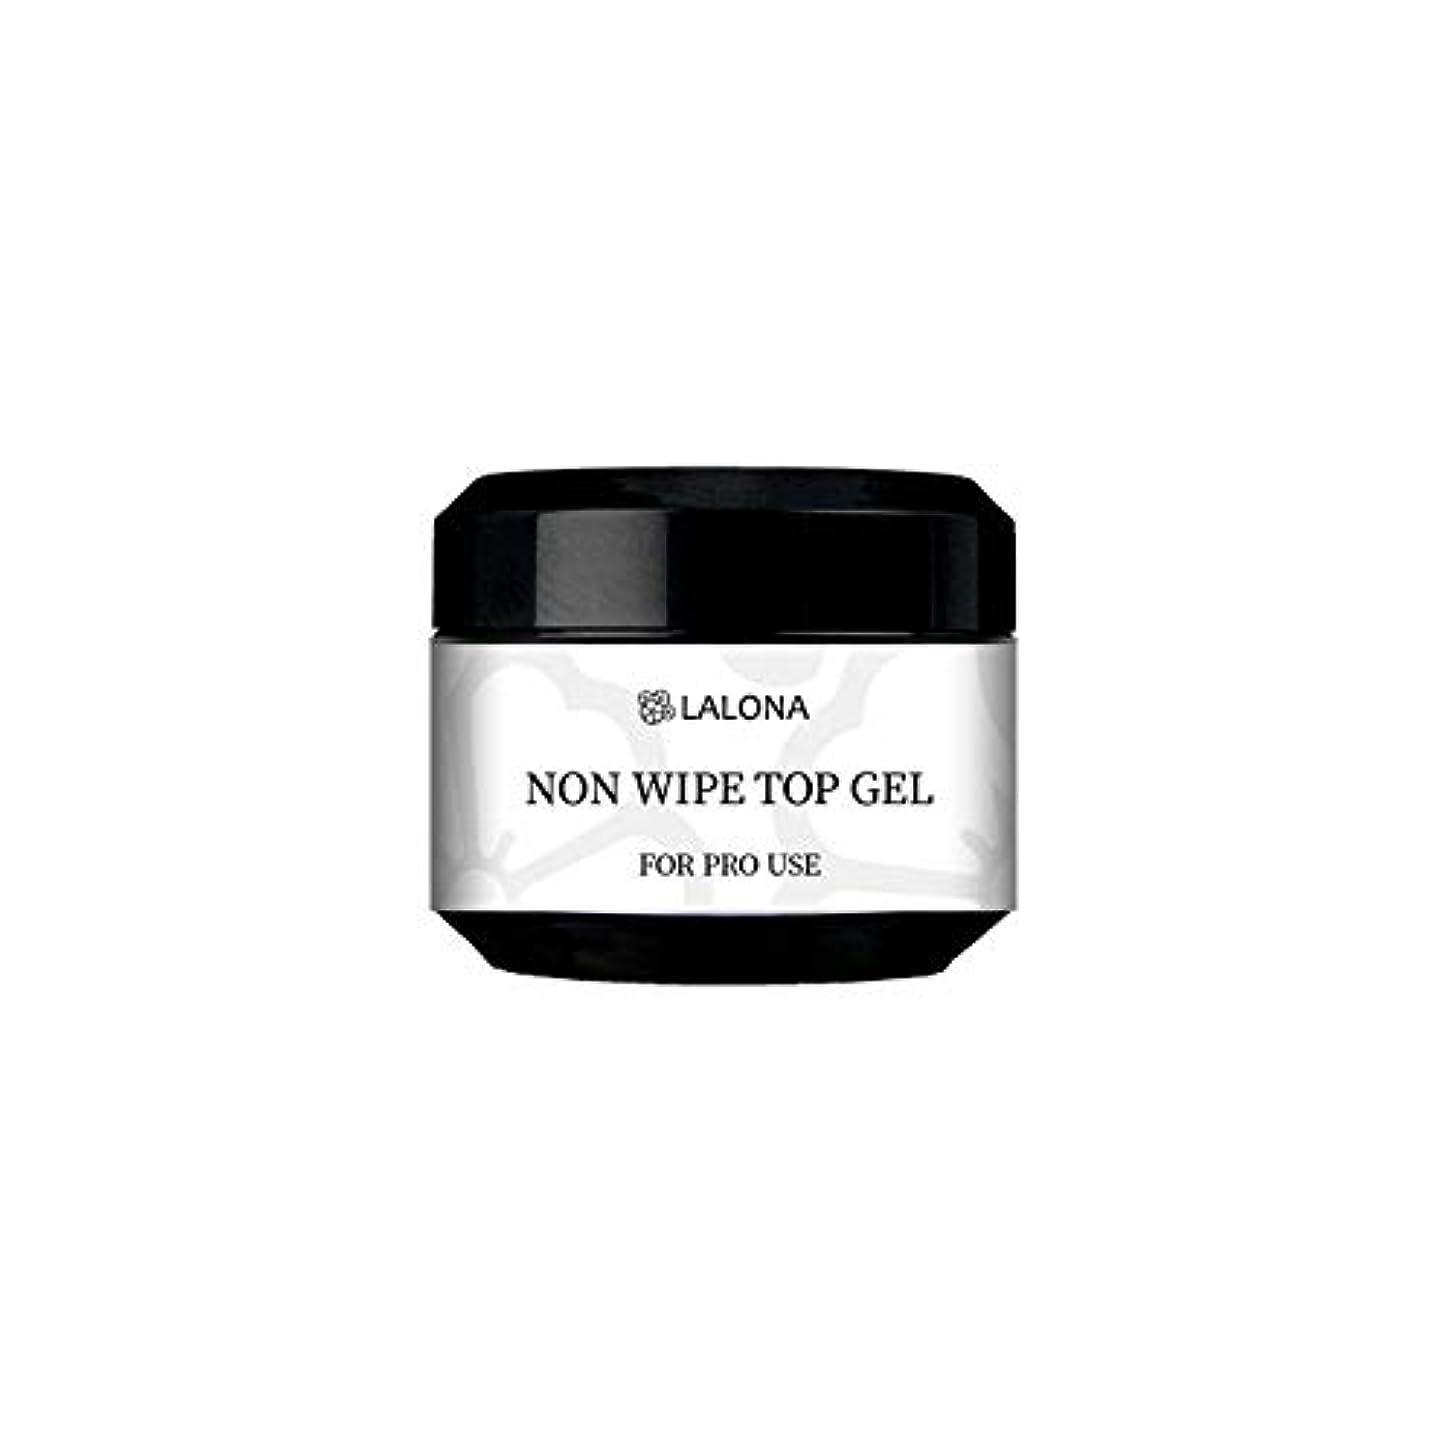 こする蓄積する壁LALONA [ ラローナ ] ノンワイプトップジェル (30g) 化粧品登録 ジェルネイル セミハード トップコート 拭き取り不要 ソークオフ レジン